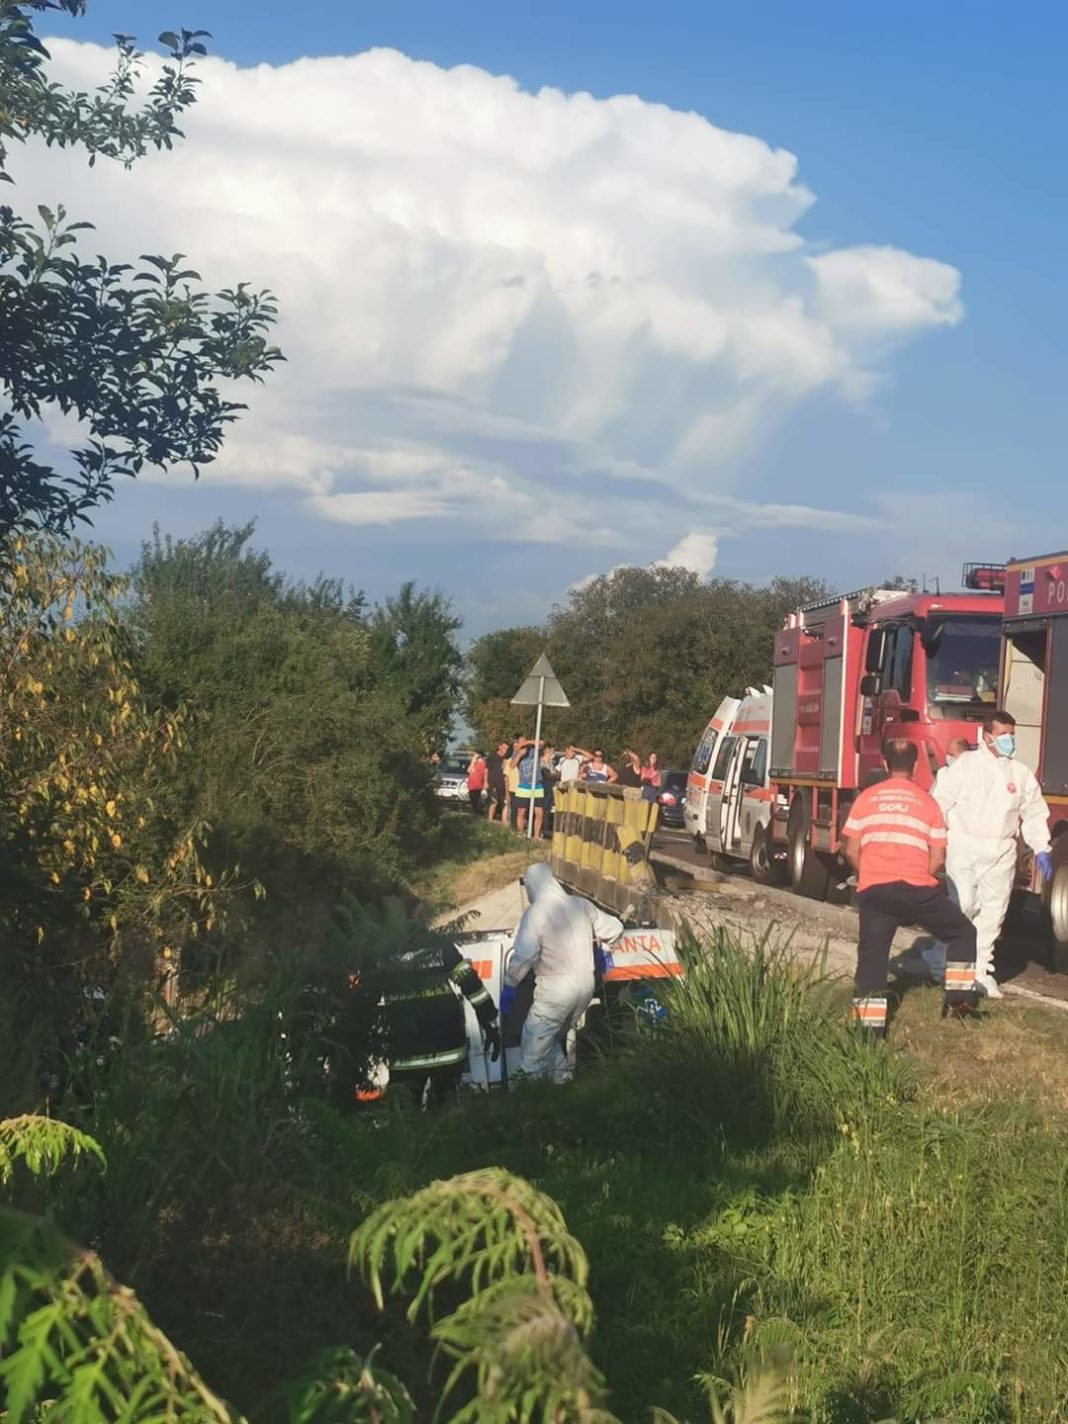 Pacienta COVID care se afla în ambulanța din Mehedinți, care a căzut aseară de pe un pod, în localitatea gorjeană Cornești, a murit.